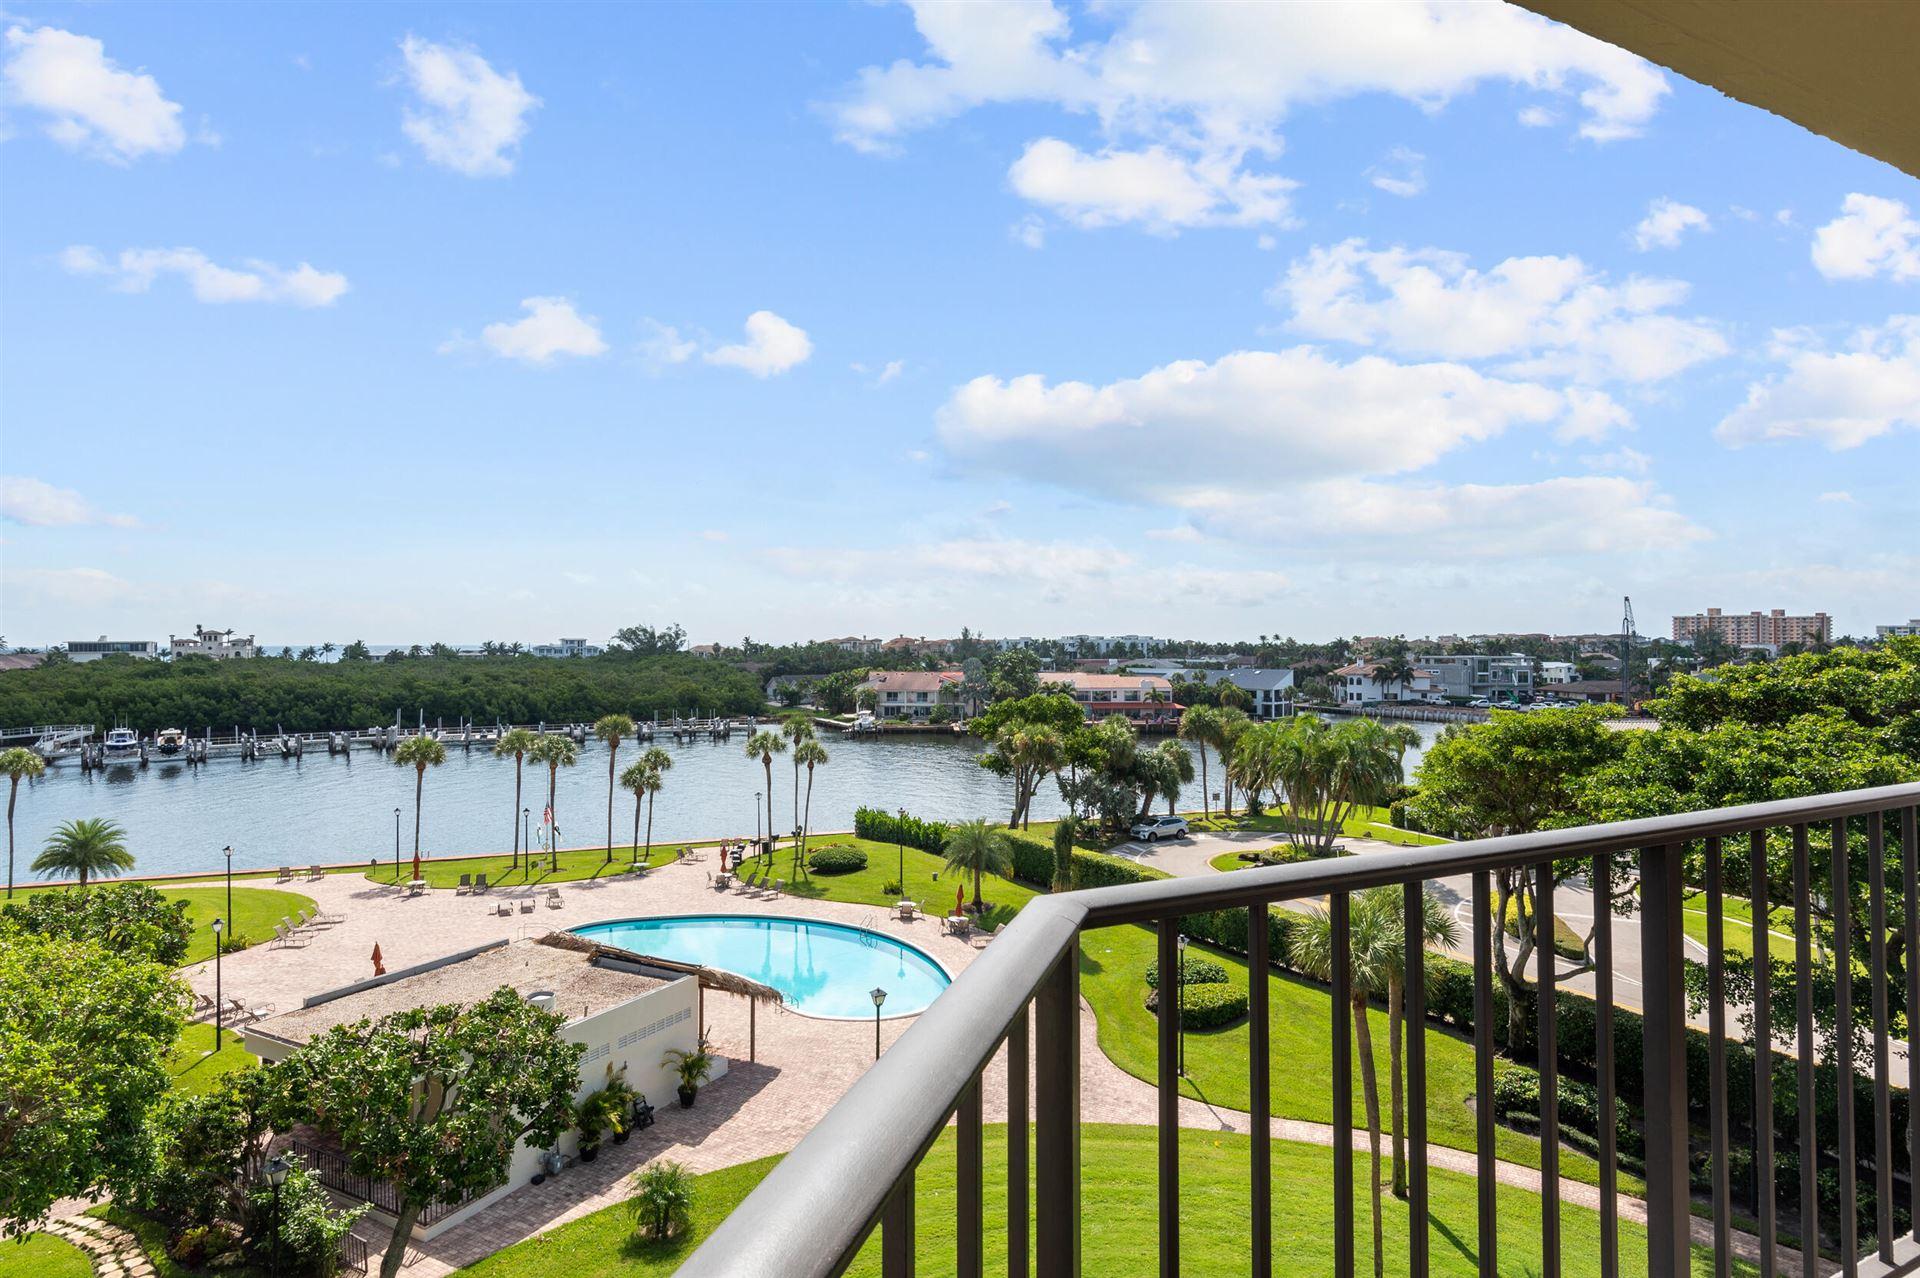 859 Jeffery Street #614, Boca Raton, FL 33487 - MLS#: RX-10744185